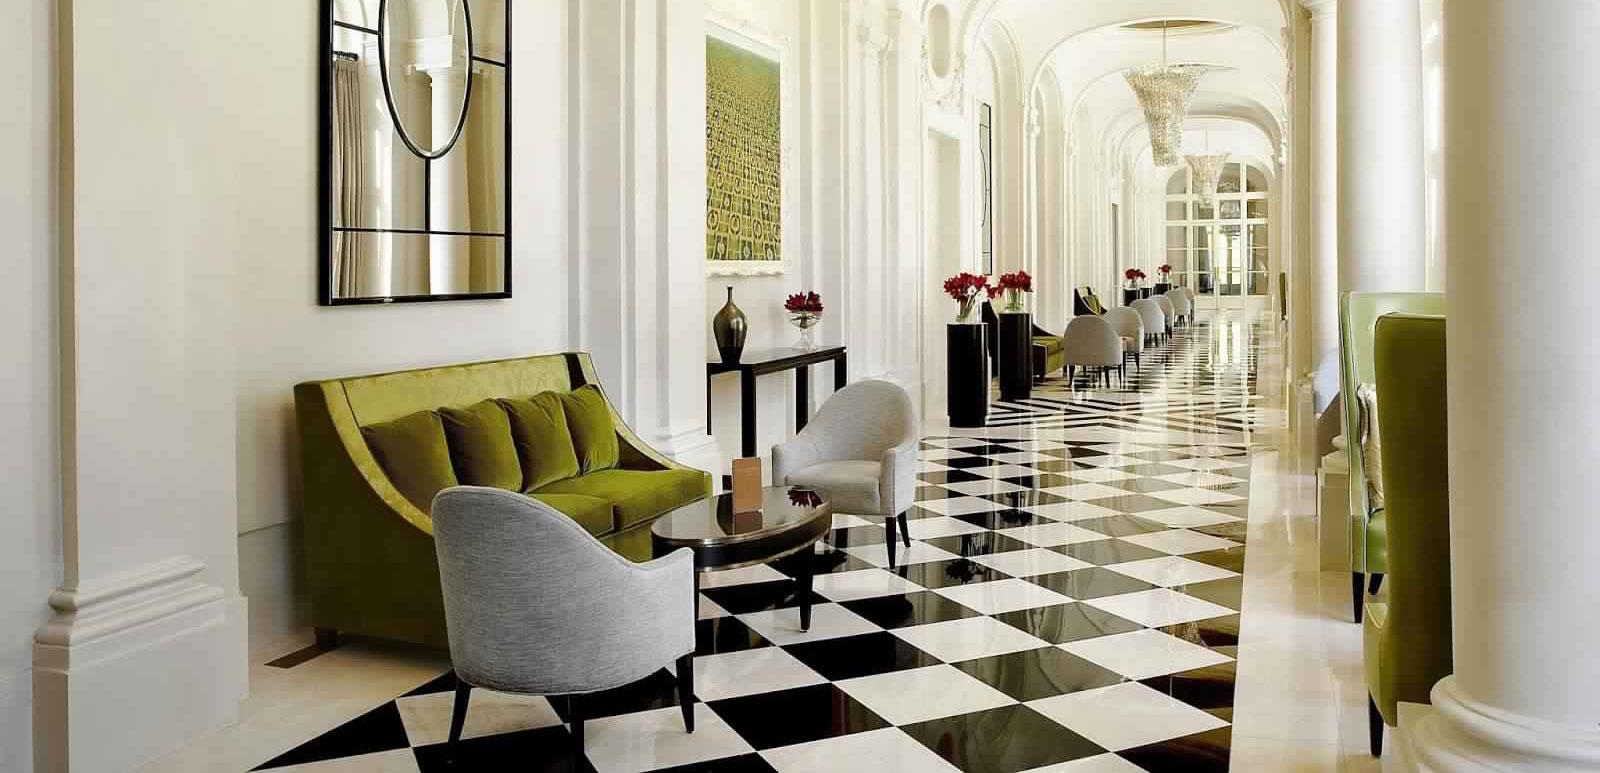 Hotel Restaurant Spa Yvelines